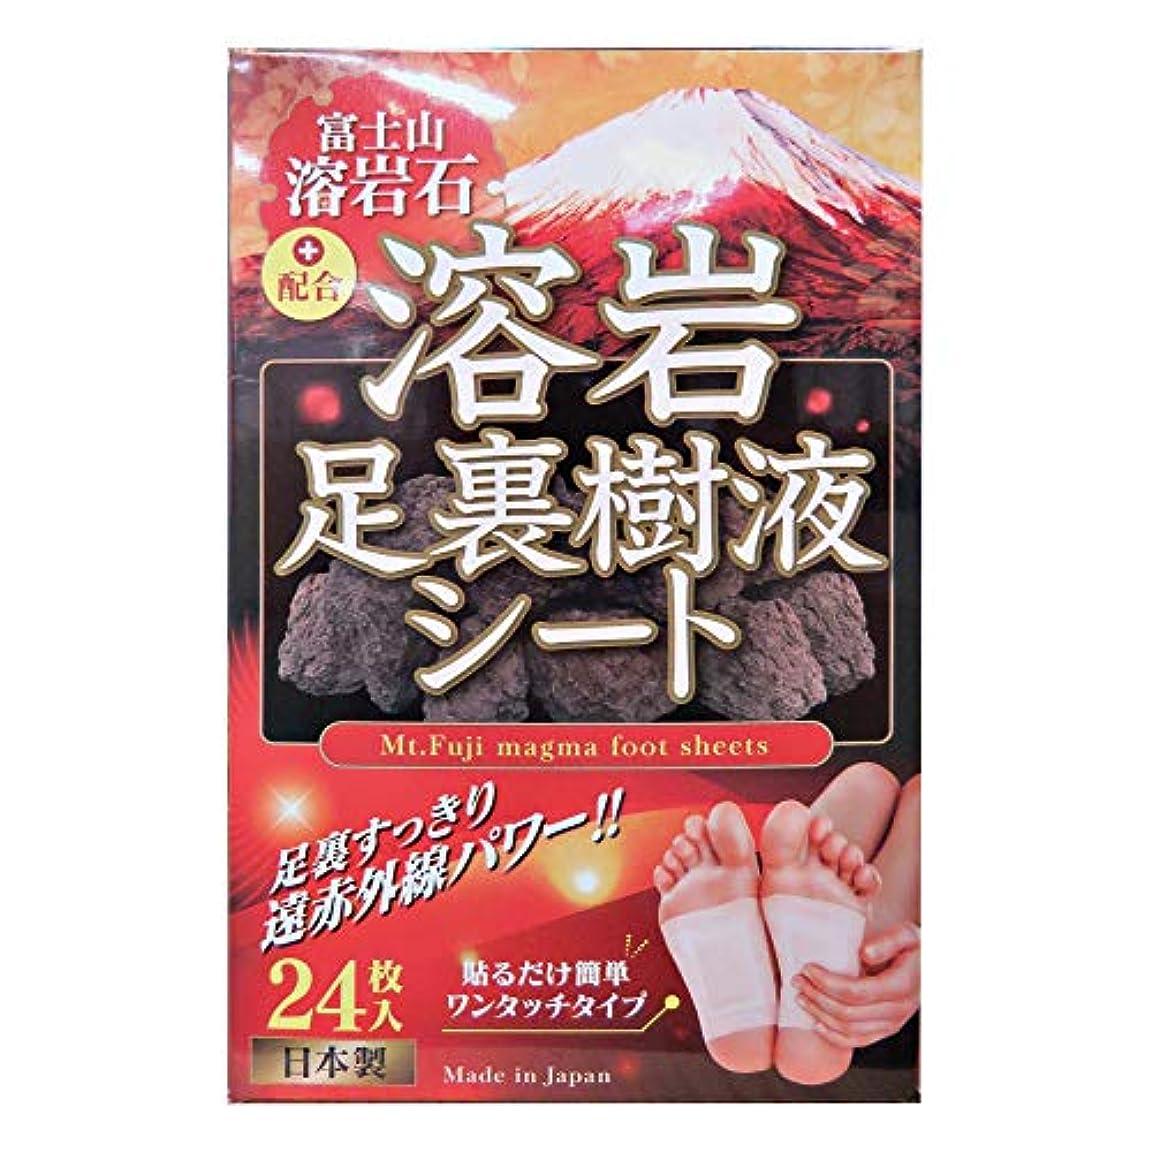 作曲する安全湿った富士山溶岩石配合 溶岩足裏樹液シート(24枚)